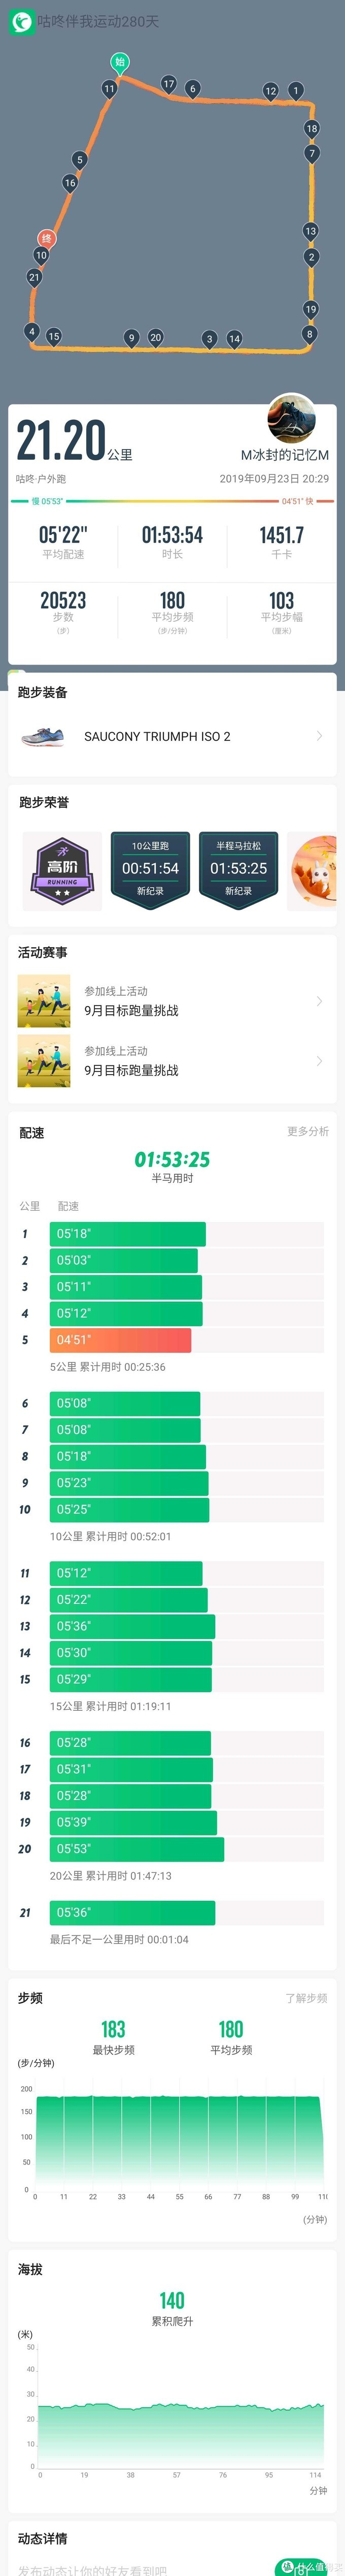 跑步鞋评测篇二:圣康尼胜利4七百公里评测